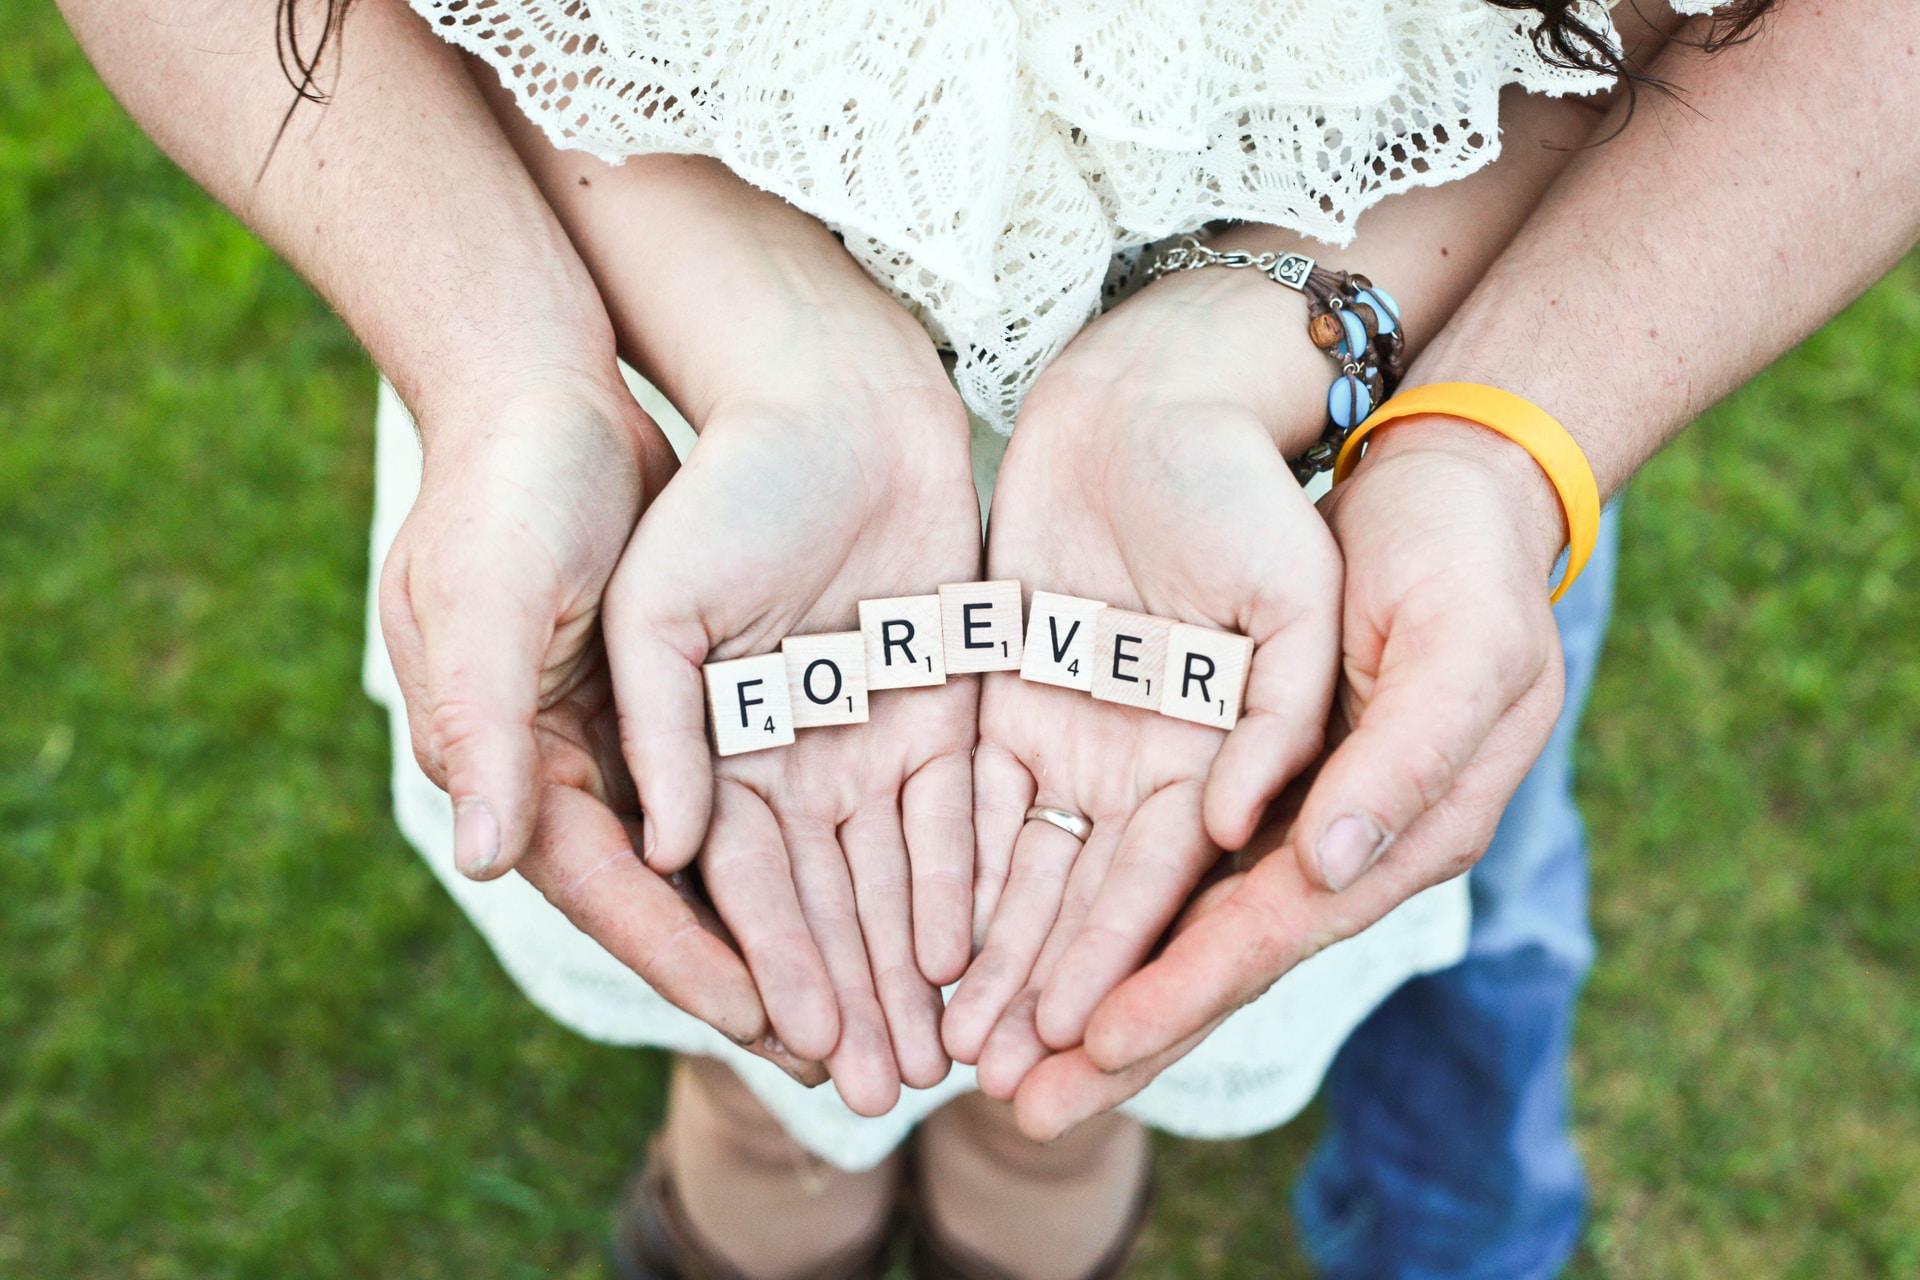 Πόσο μας επηρεάζουν οι σχέσεις του παρελθόντος;